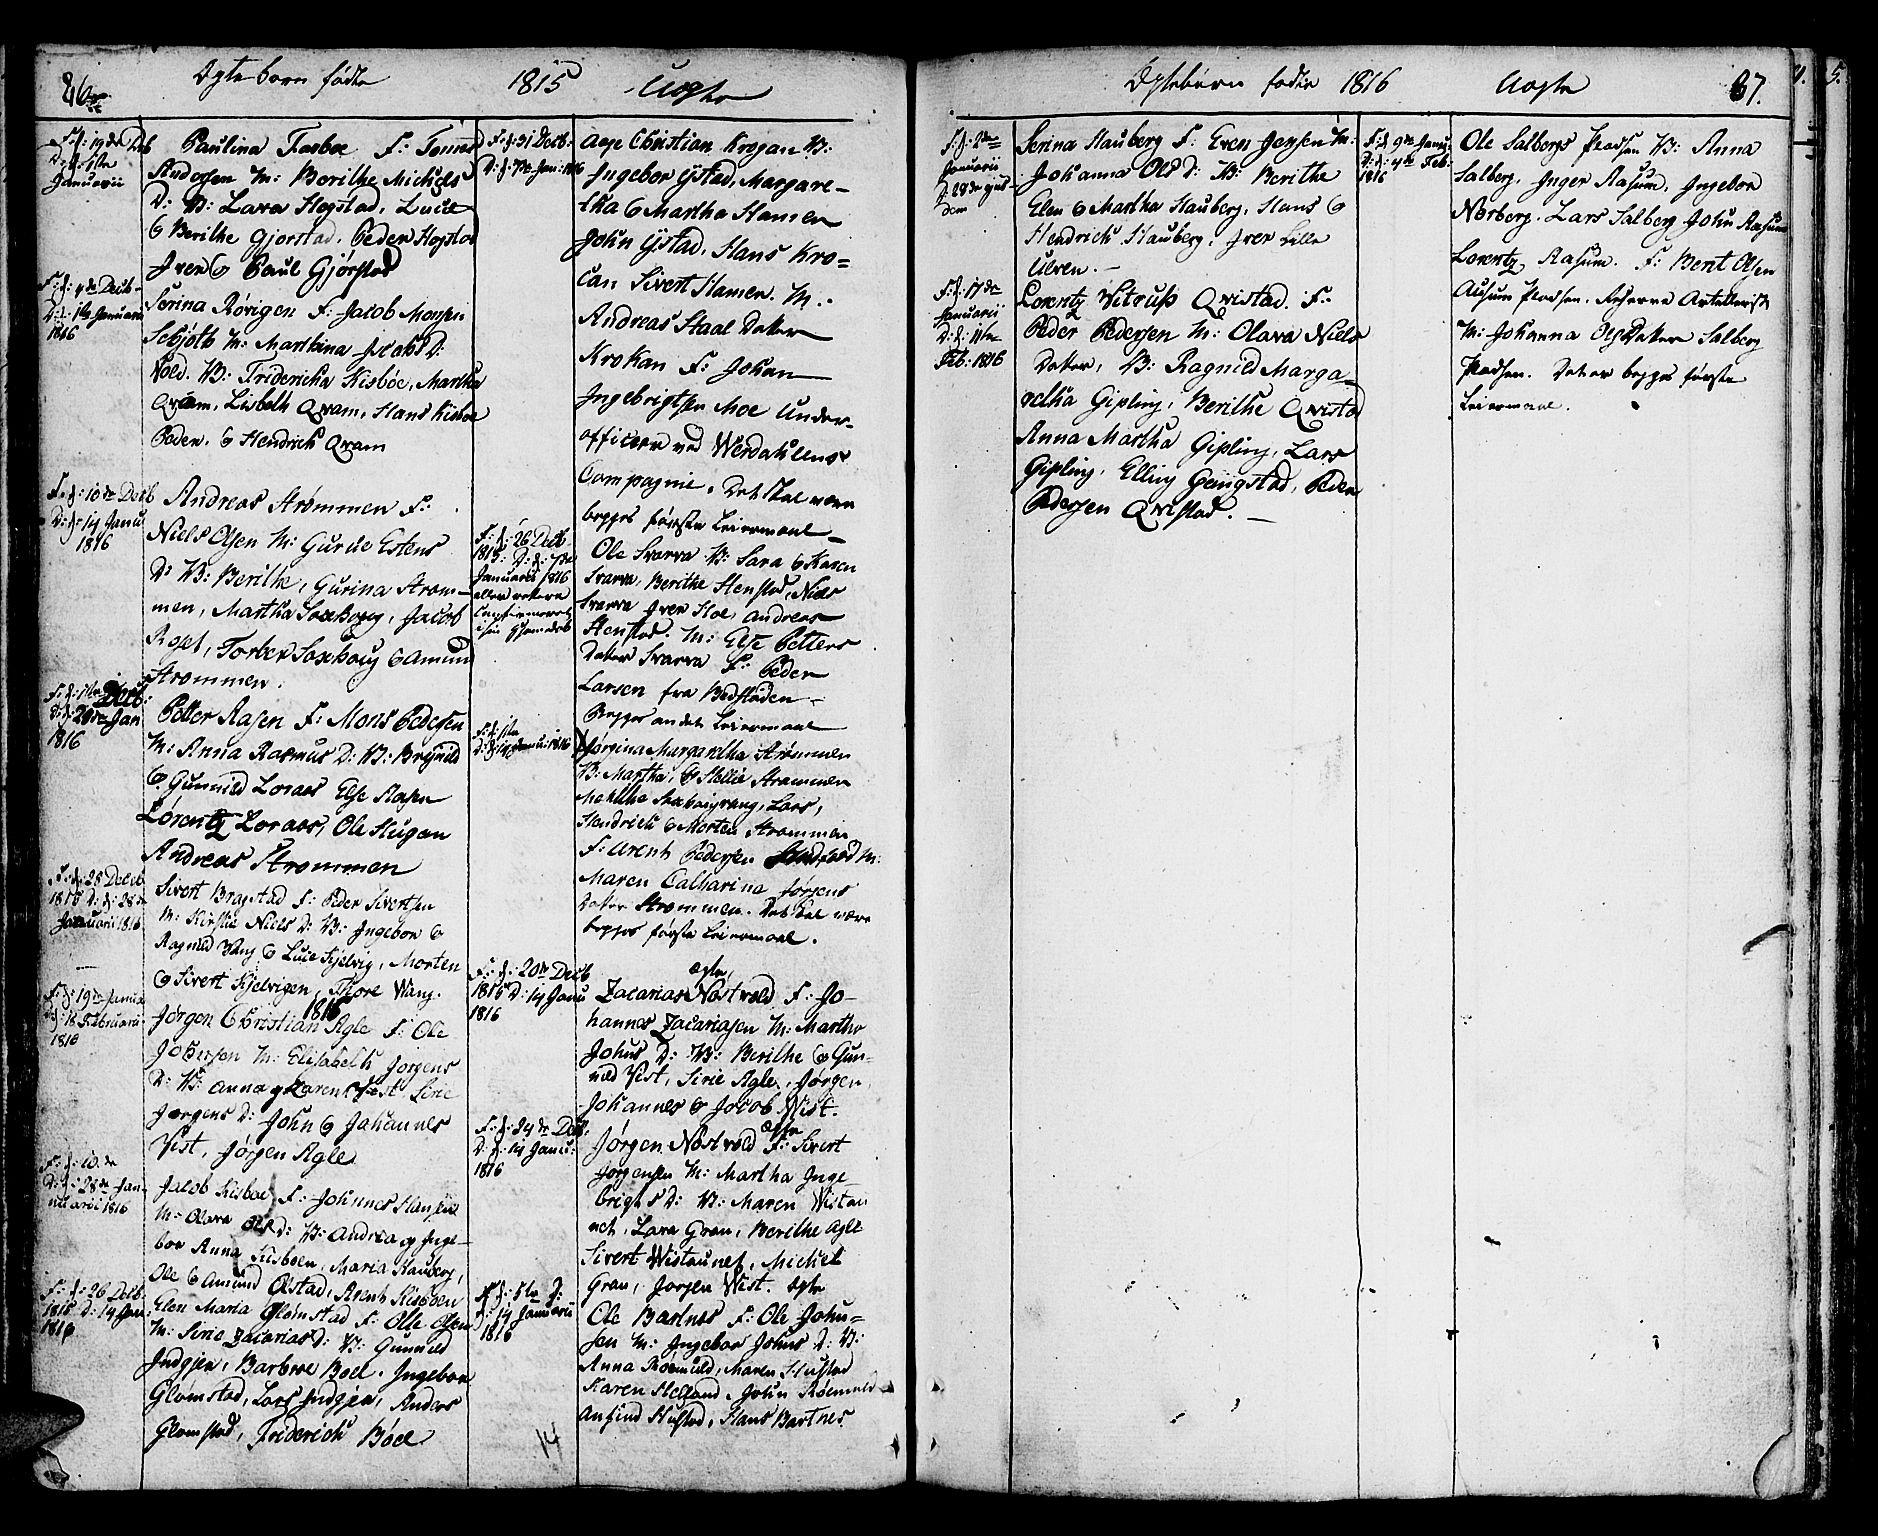 SAT, Ministerialprotokoller, klokkerbøker og fødselsregistre - Nord-Trøndelag, 730/L0274: Ministerialbok nr. 730A03, 1802-1816, s. 86-87